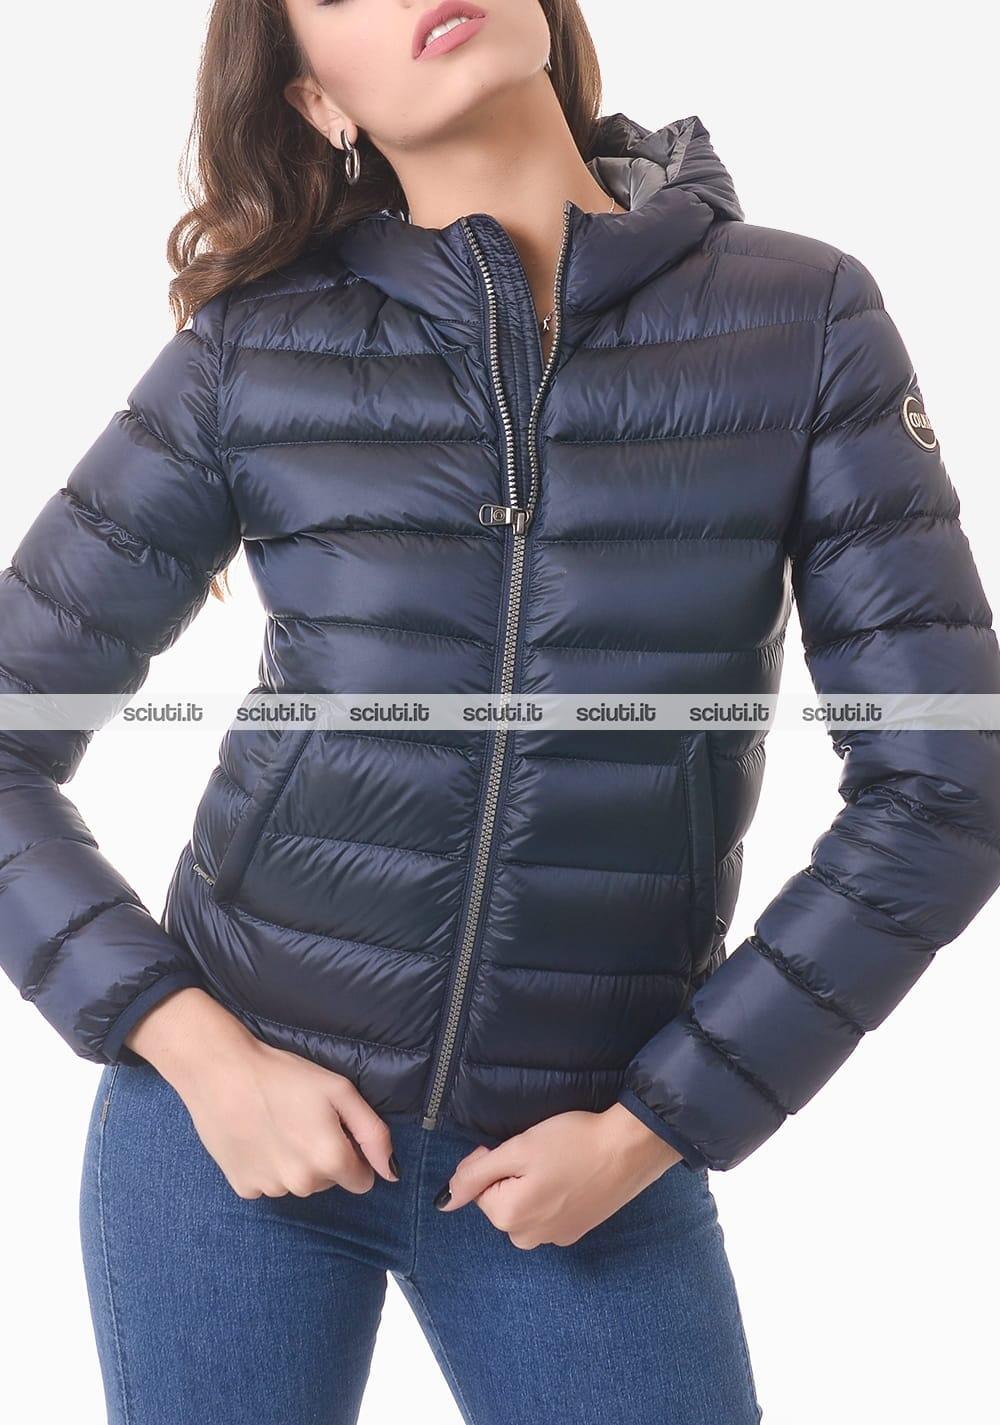 Piumino Colmar donna blu pesante corto con cappuccio